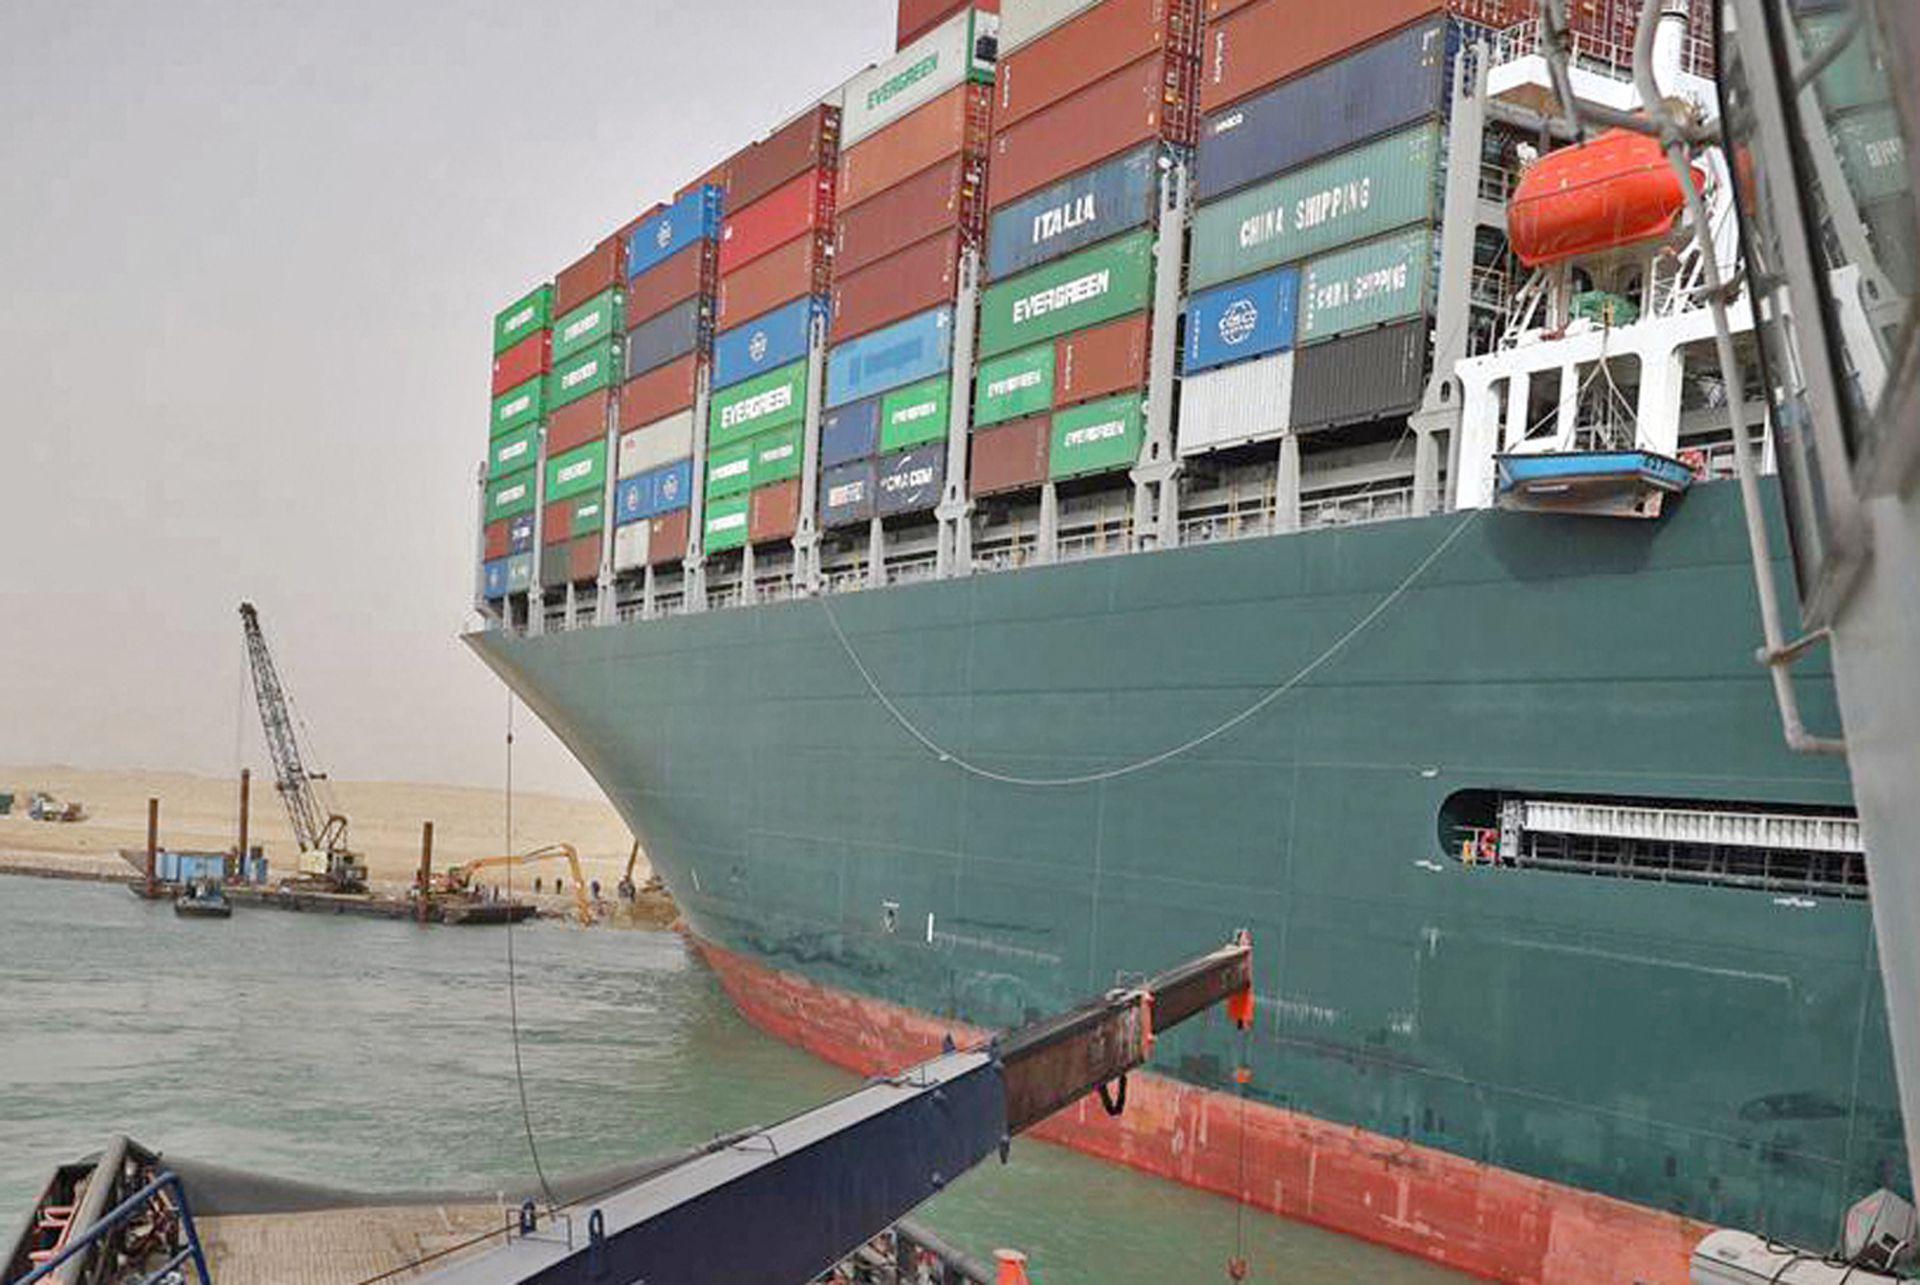 Los 25 miembros de la tripulación están a salvo. No hay contaminación ni daños en la carga del buque, con capacidad para más 20.000 contenedores